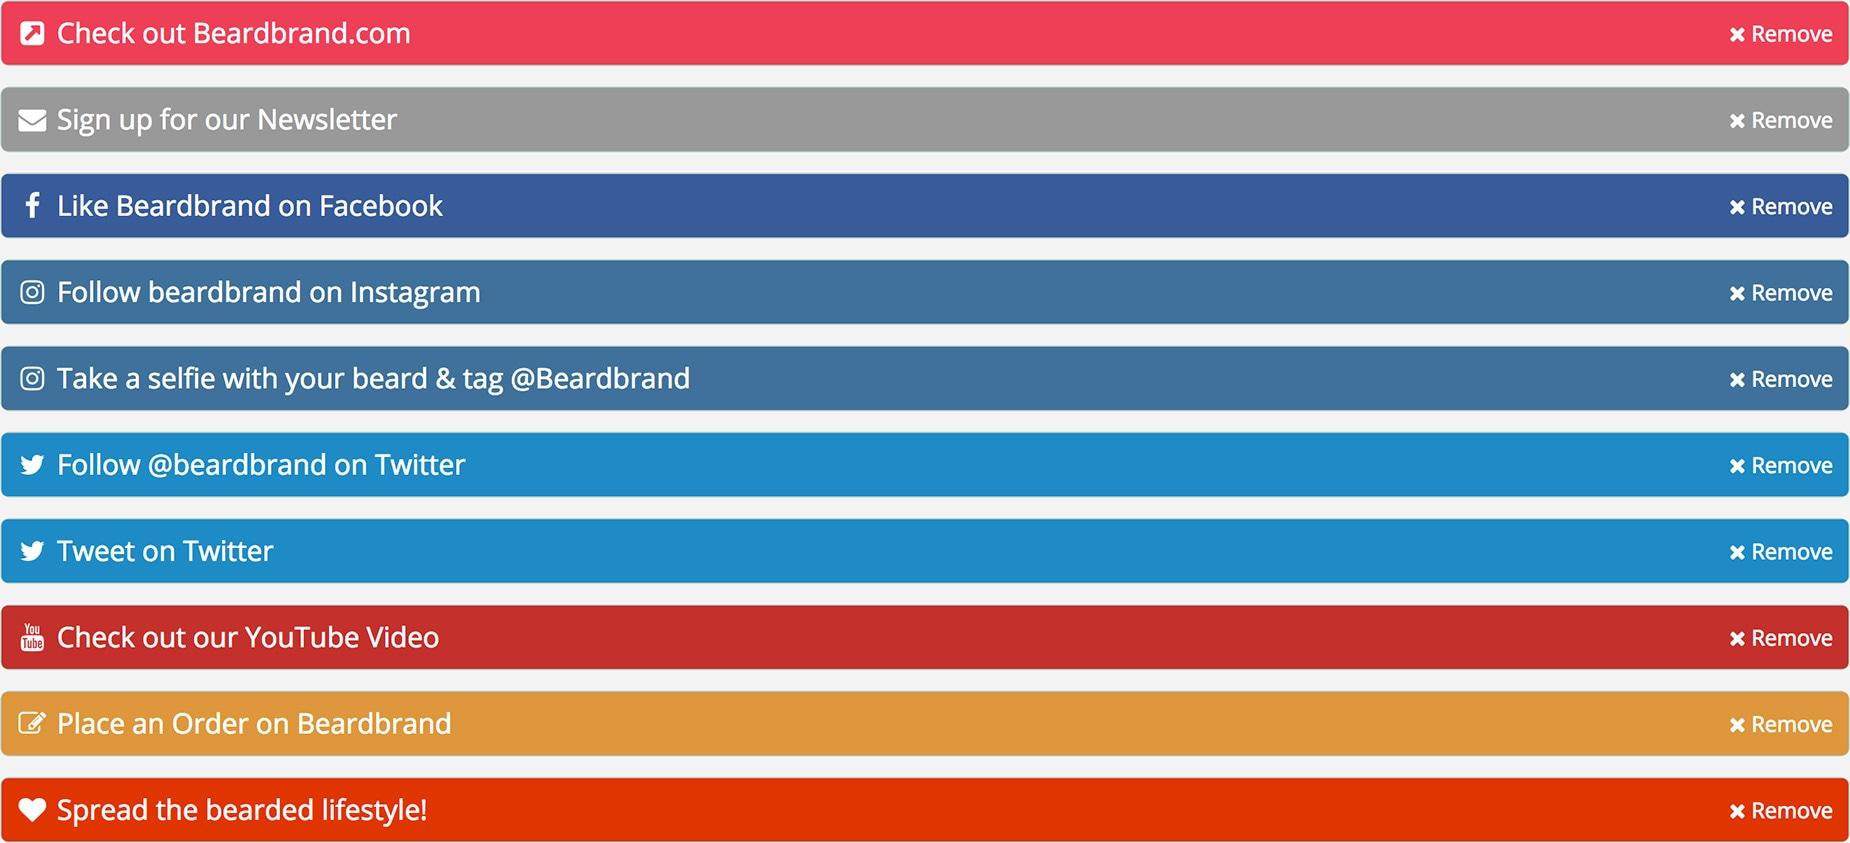 Beardbrand's Huge Growth With Gleam